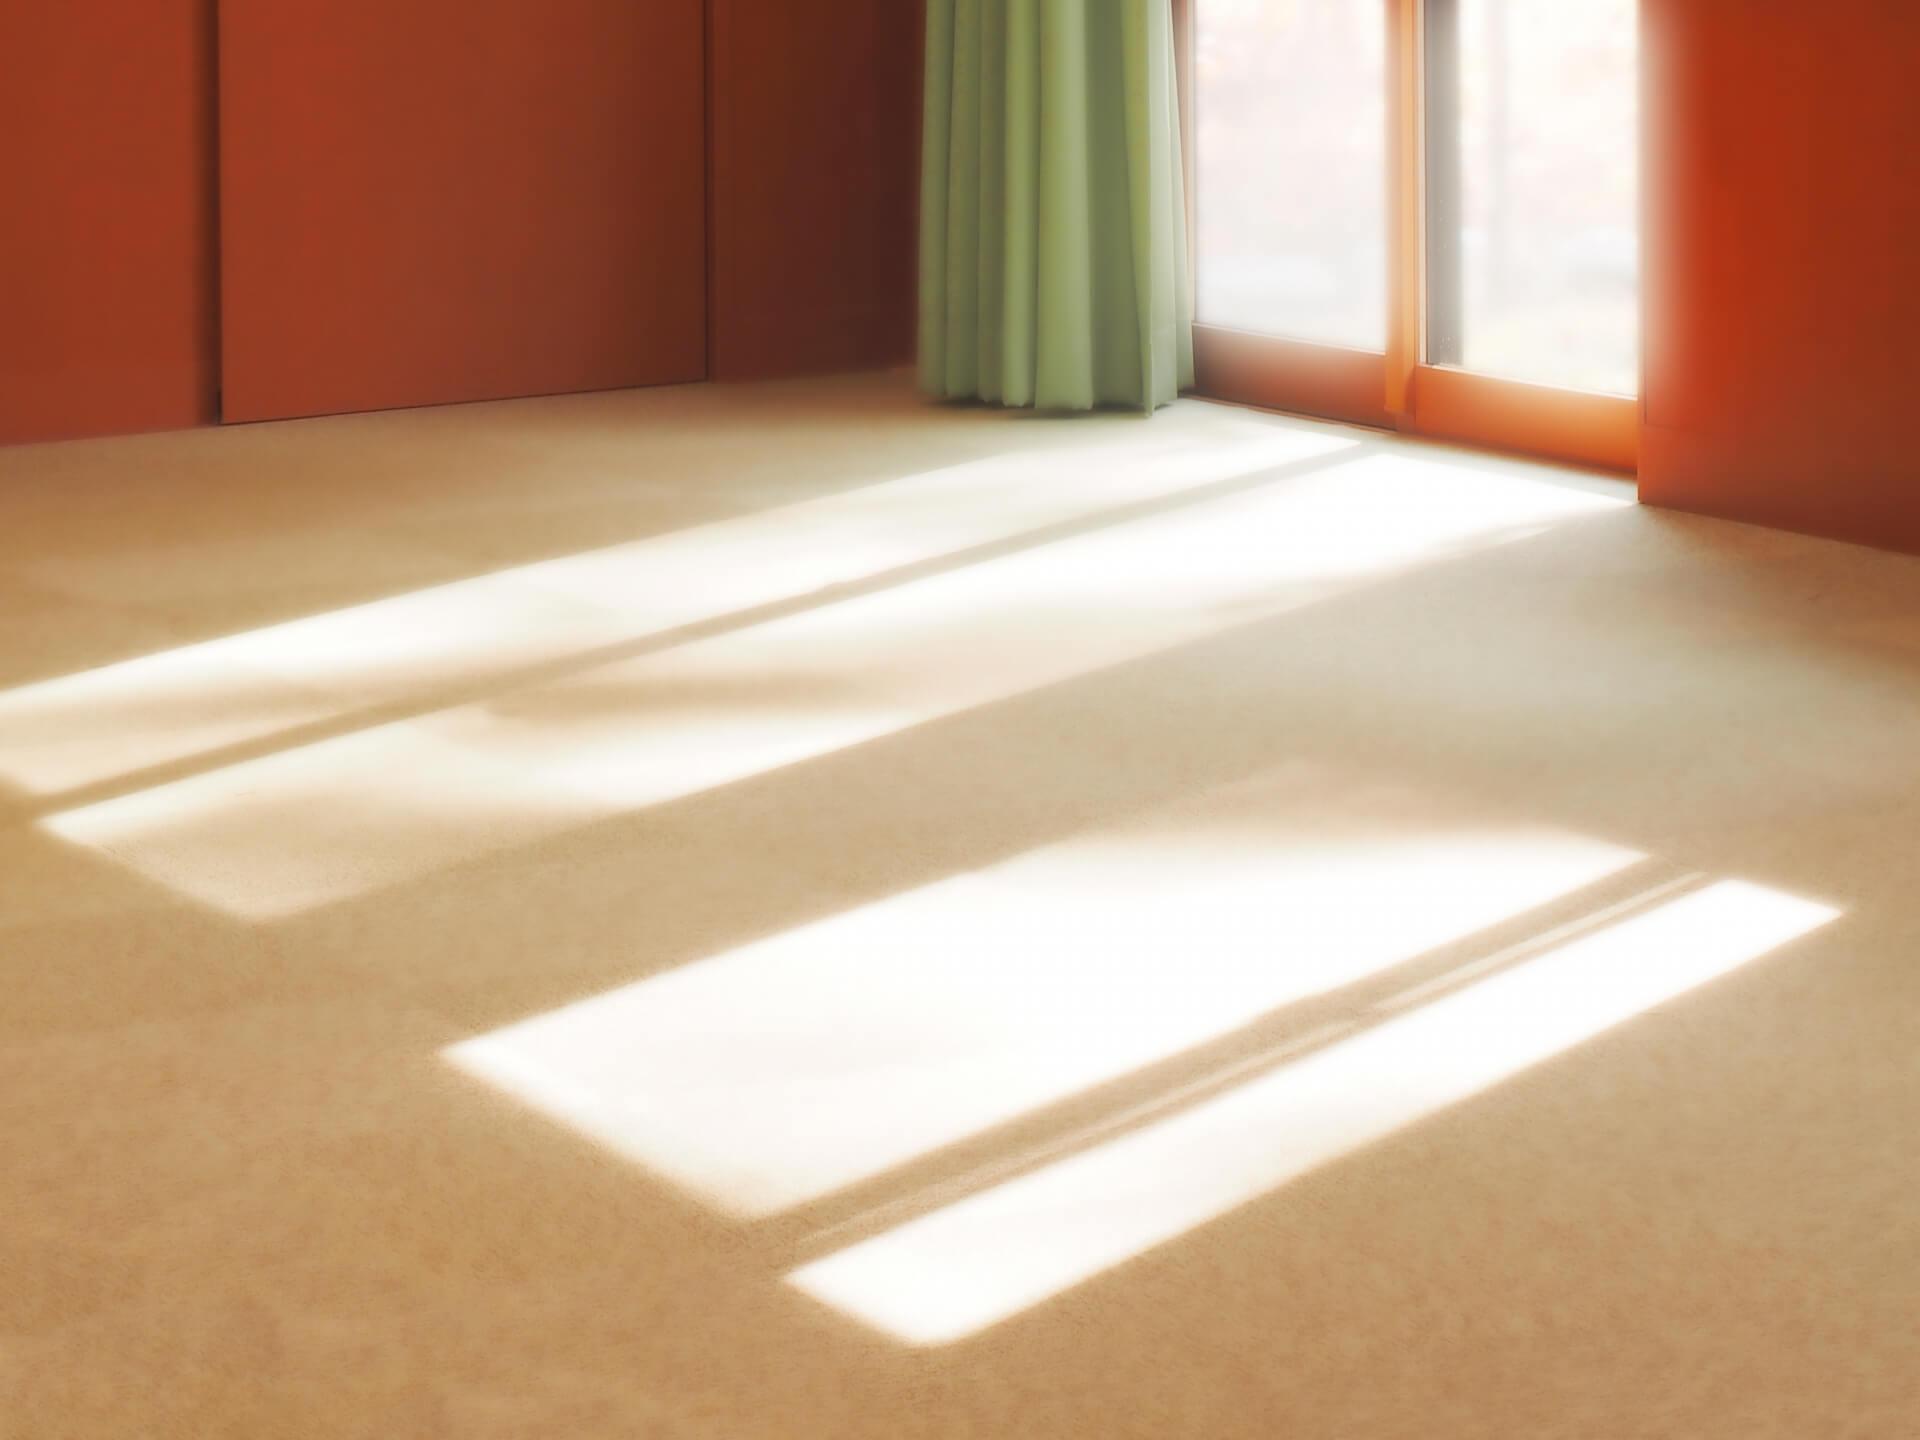 日光の当たった部屋